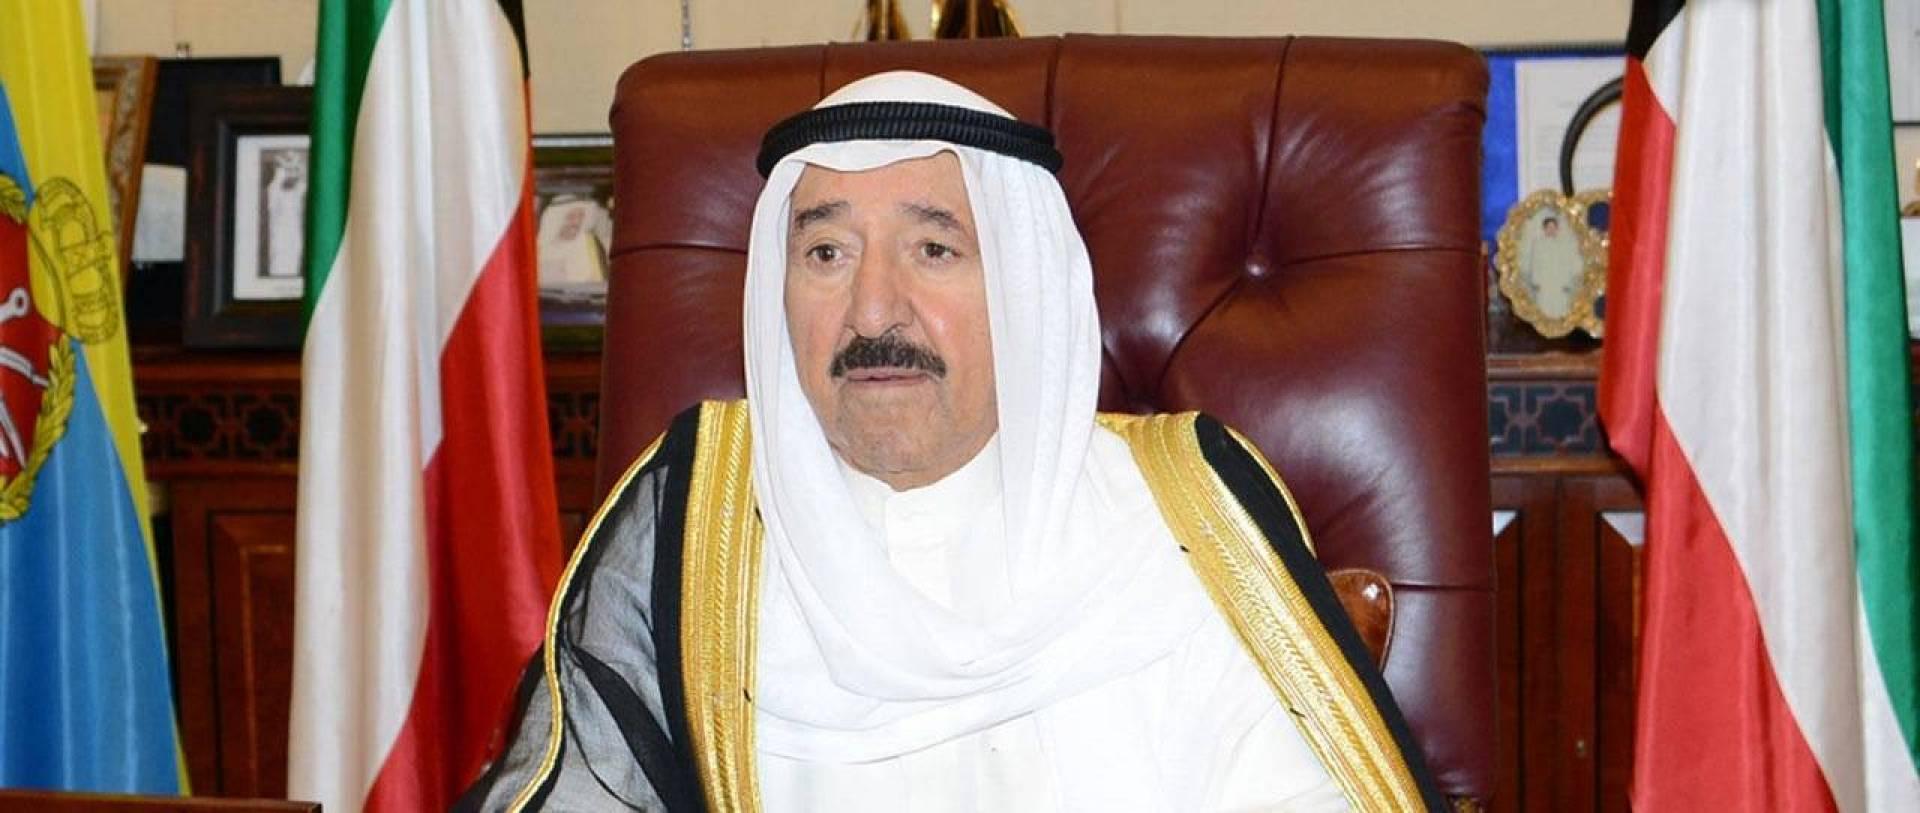 سمو الأمير يعزي الرئيس المصري بضحايا الهجوم الإرهابي في العريش